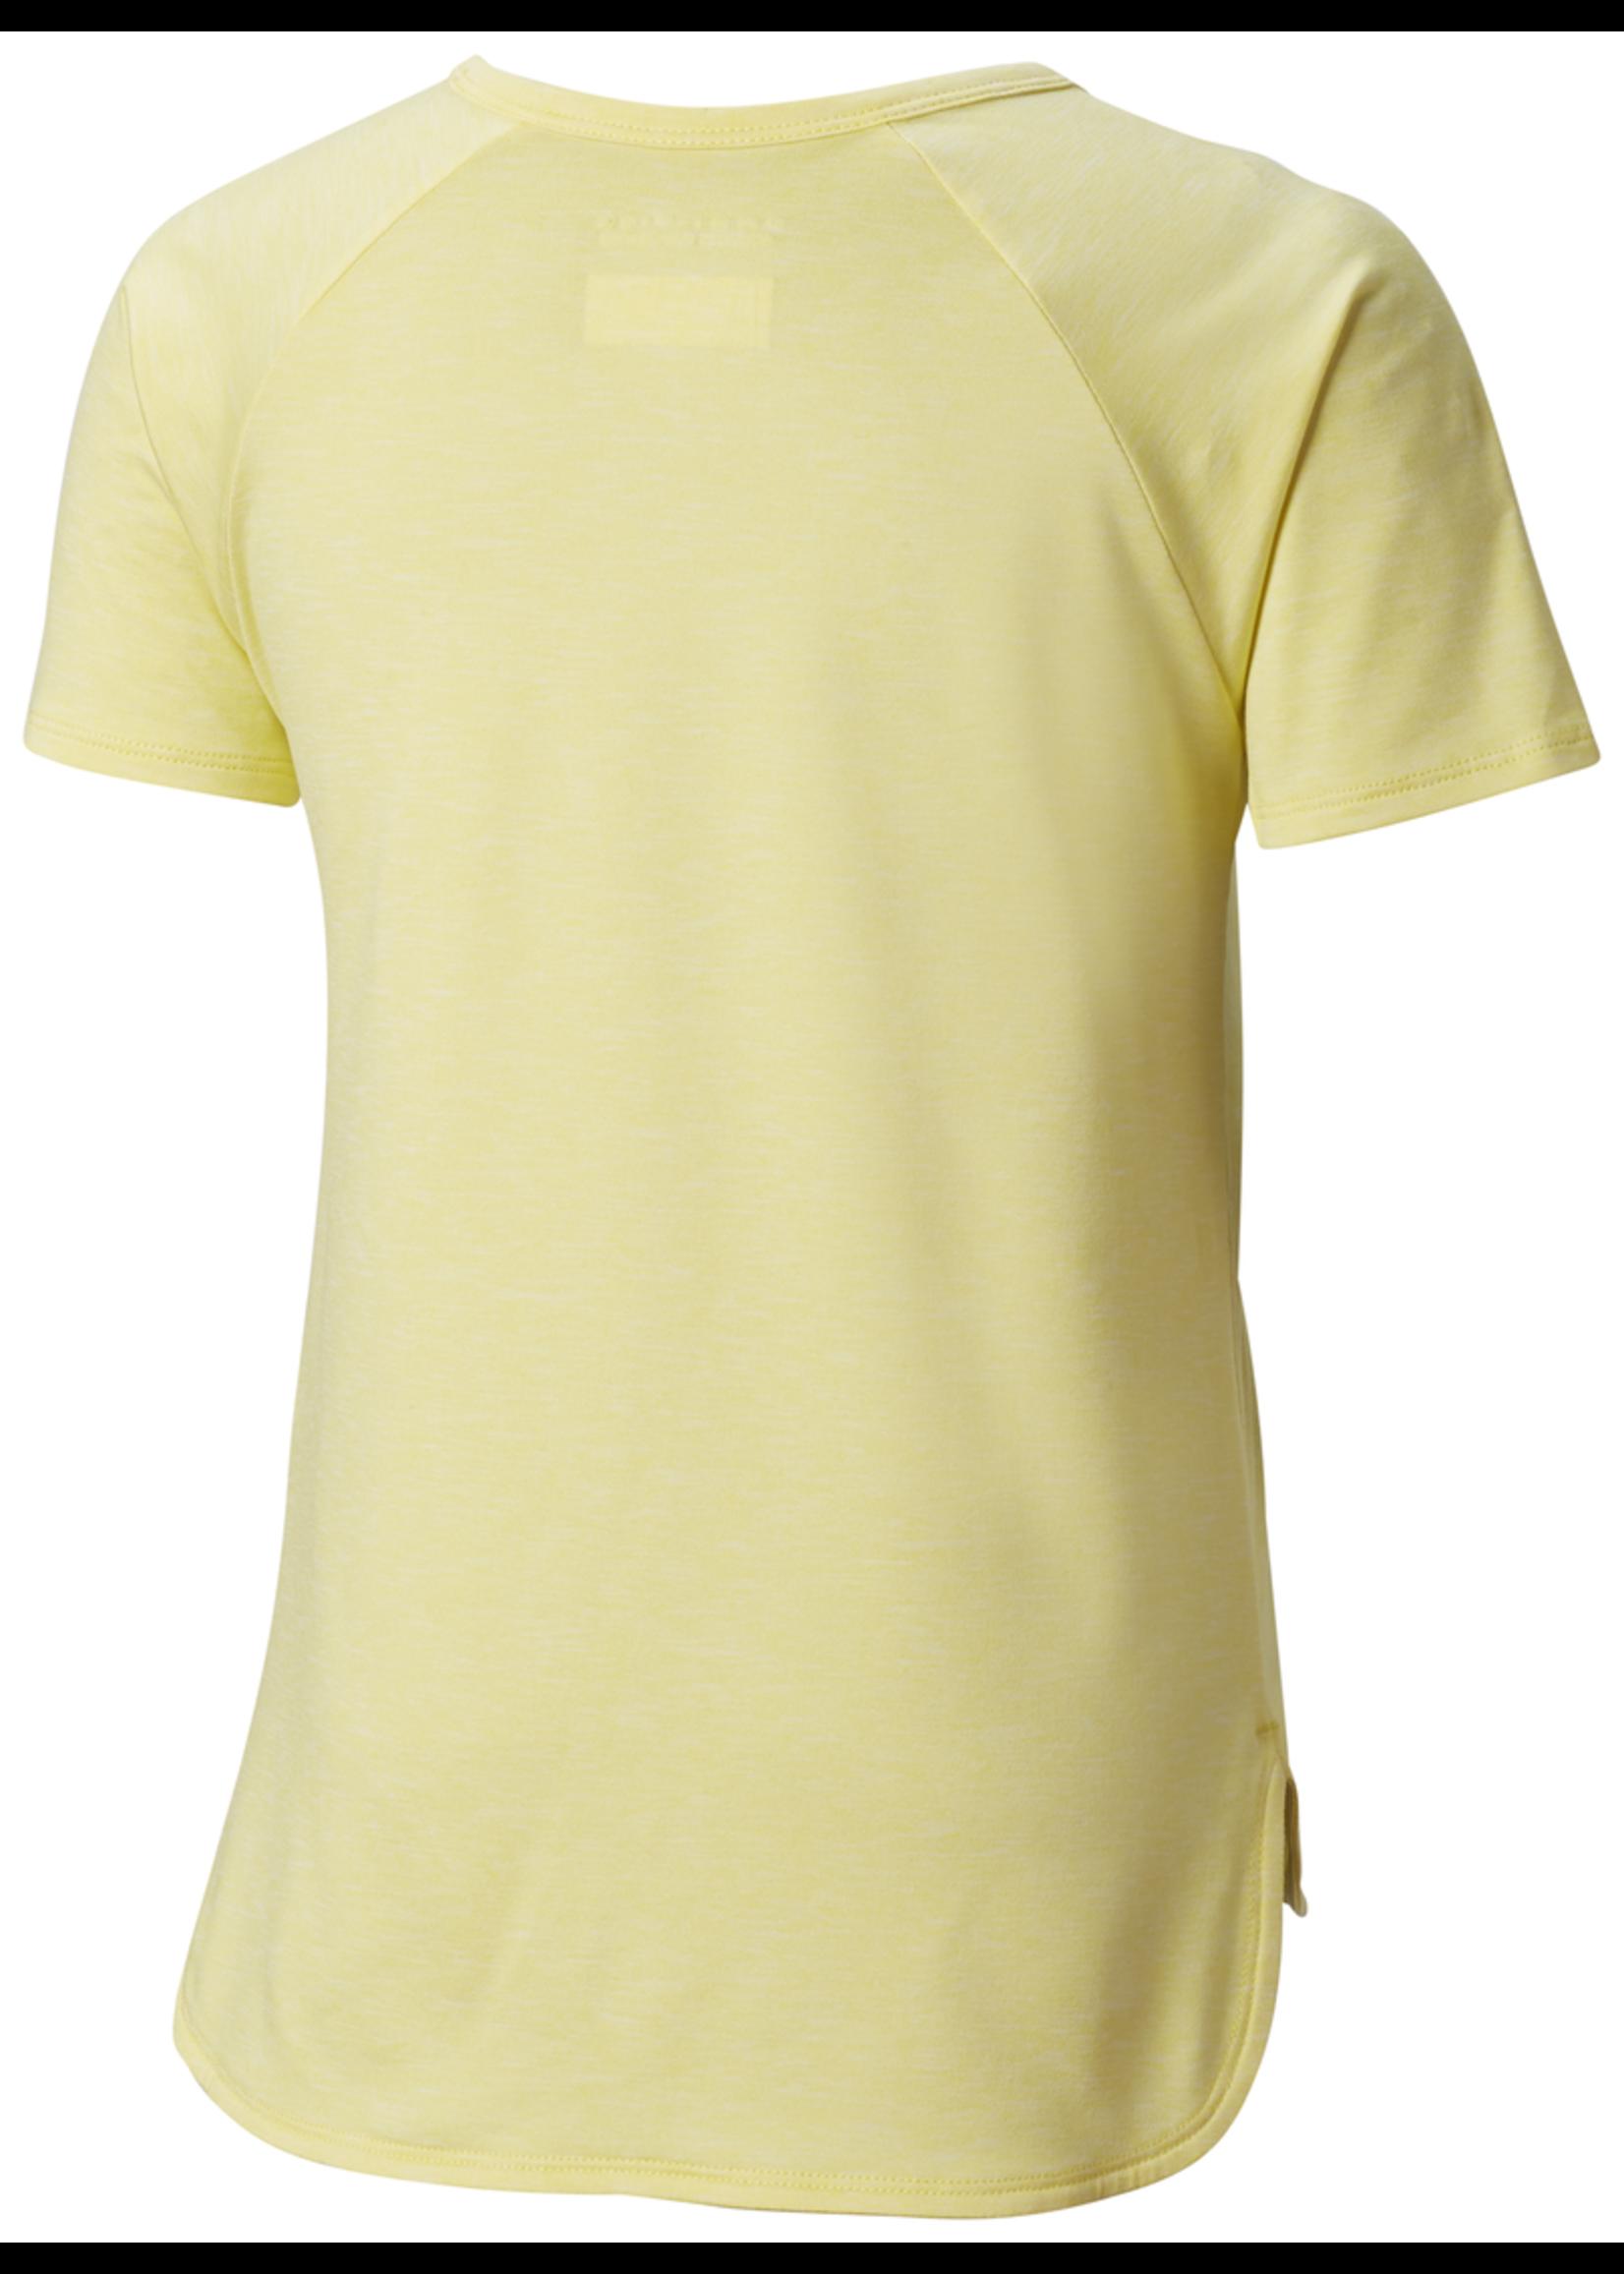 COLUMBIA T-shirt Silver Ridge II / Medium / Jaune